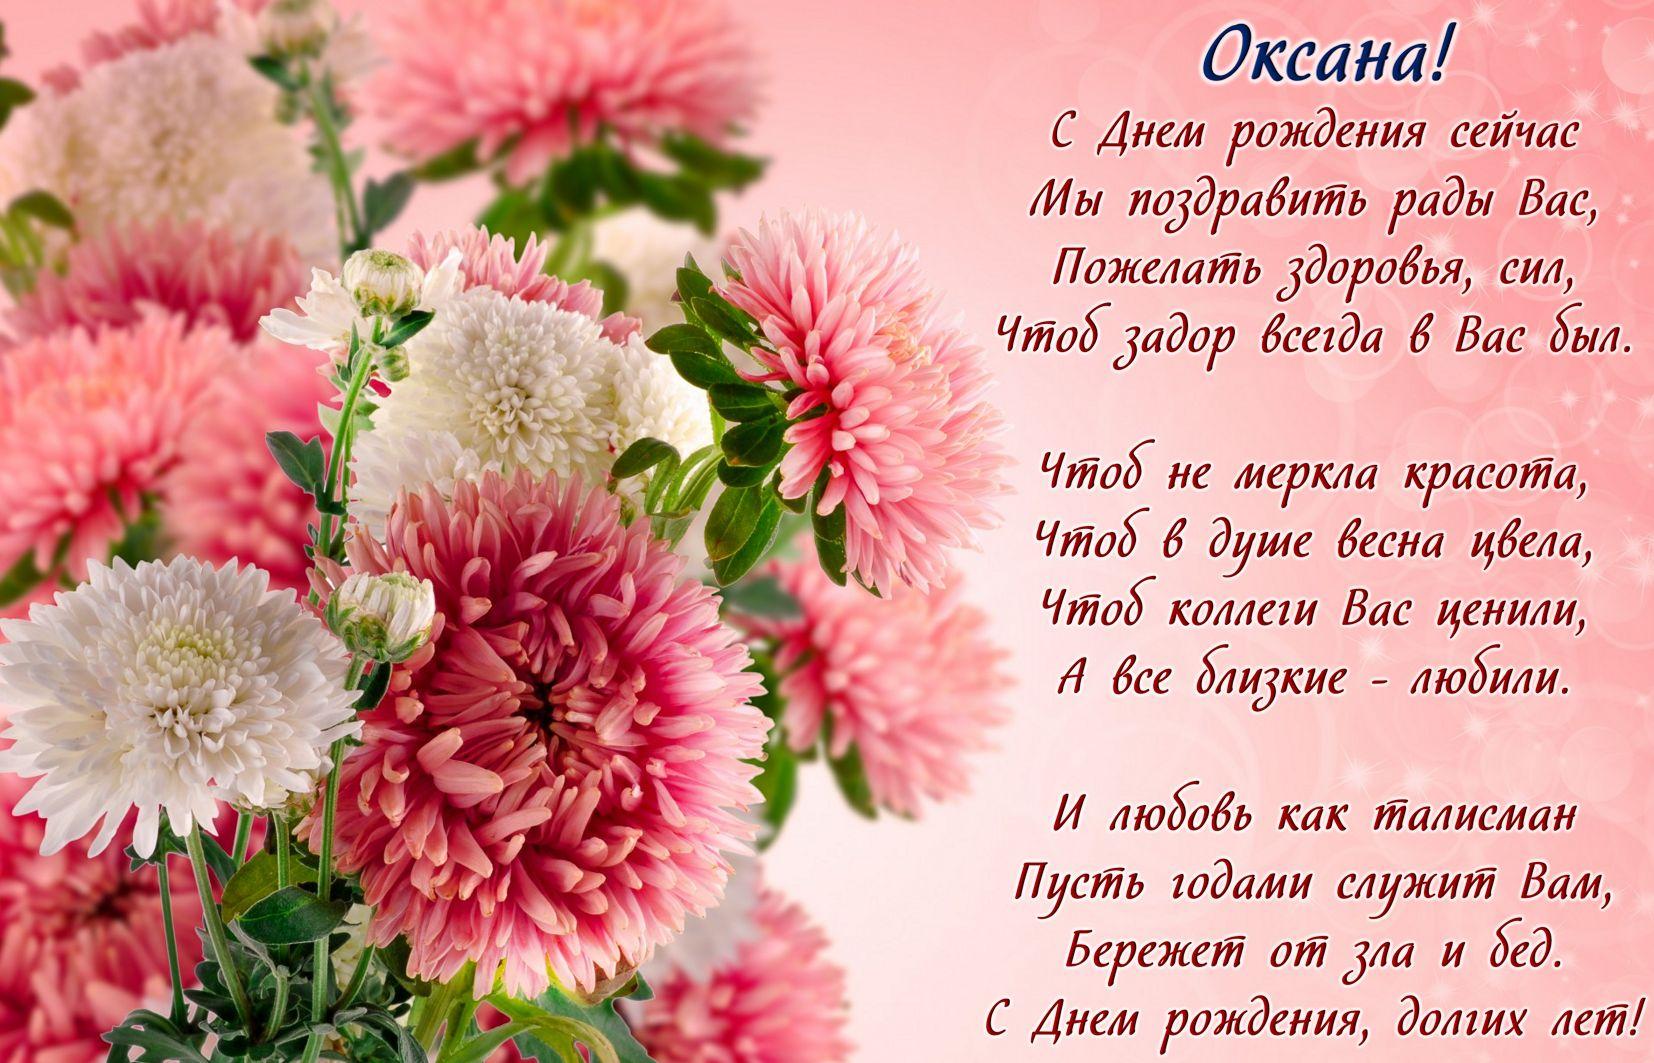 Открытка на День рождения Оксане - пожелание в стихах и красивые цветы